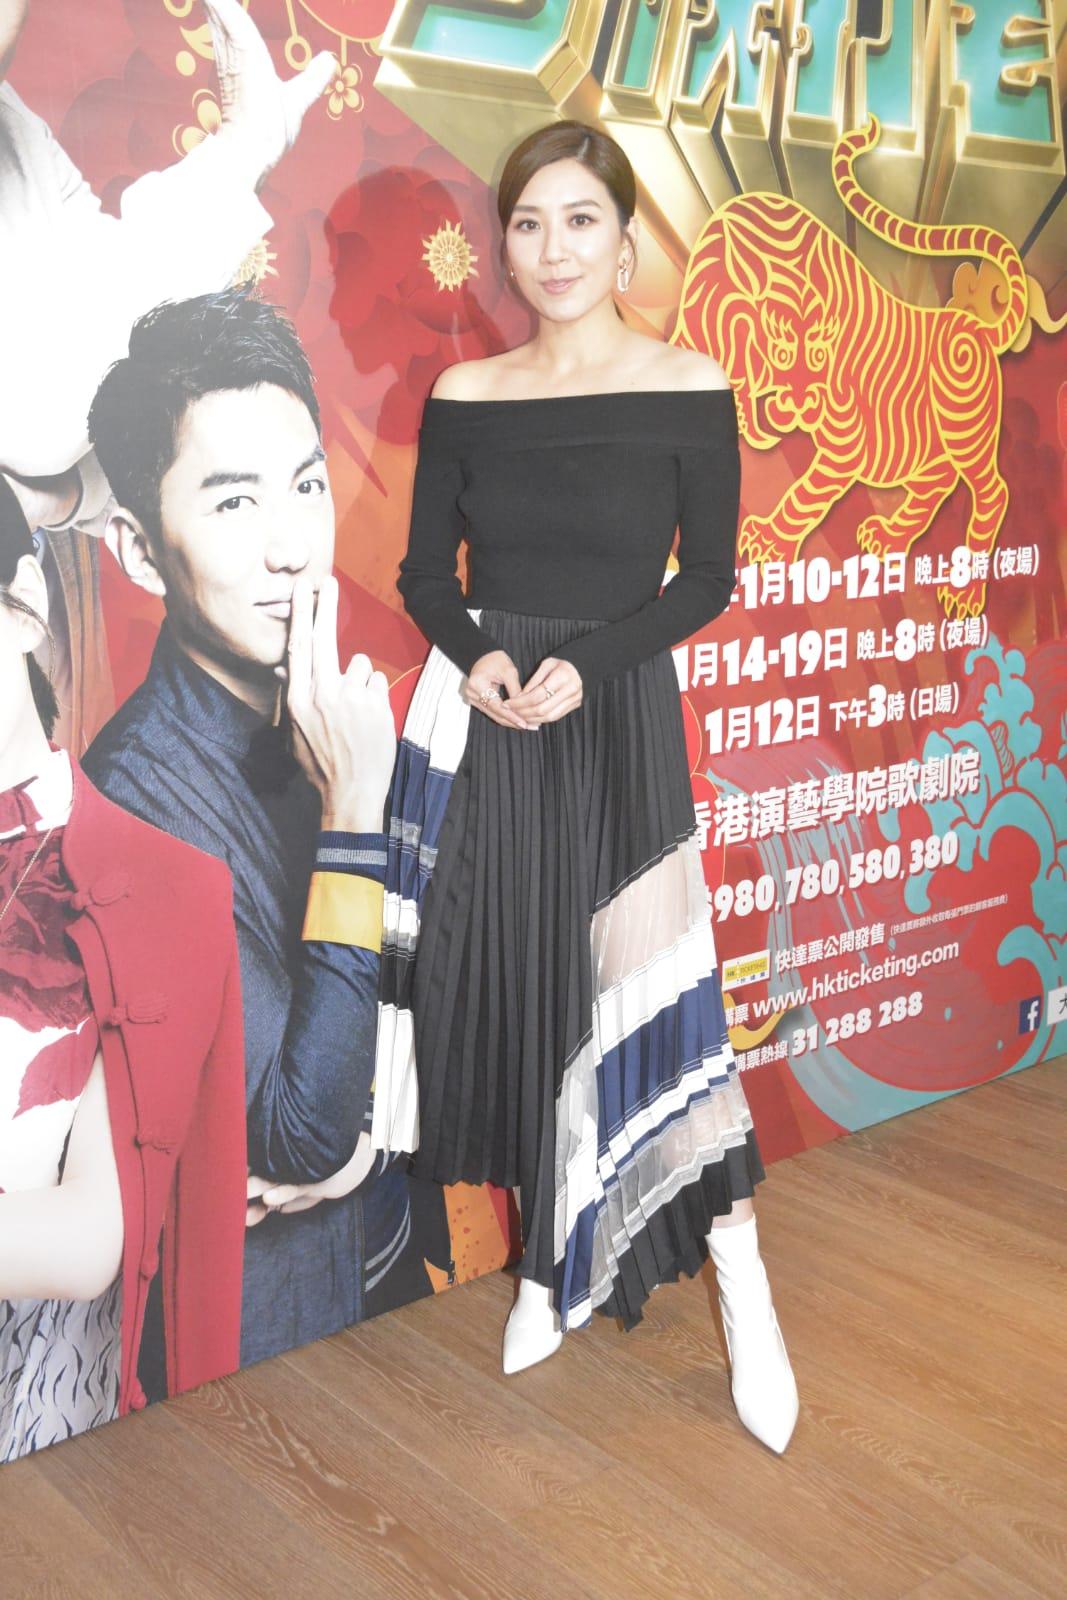 黃智雯今次是首度演出舞台劇。